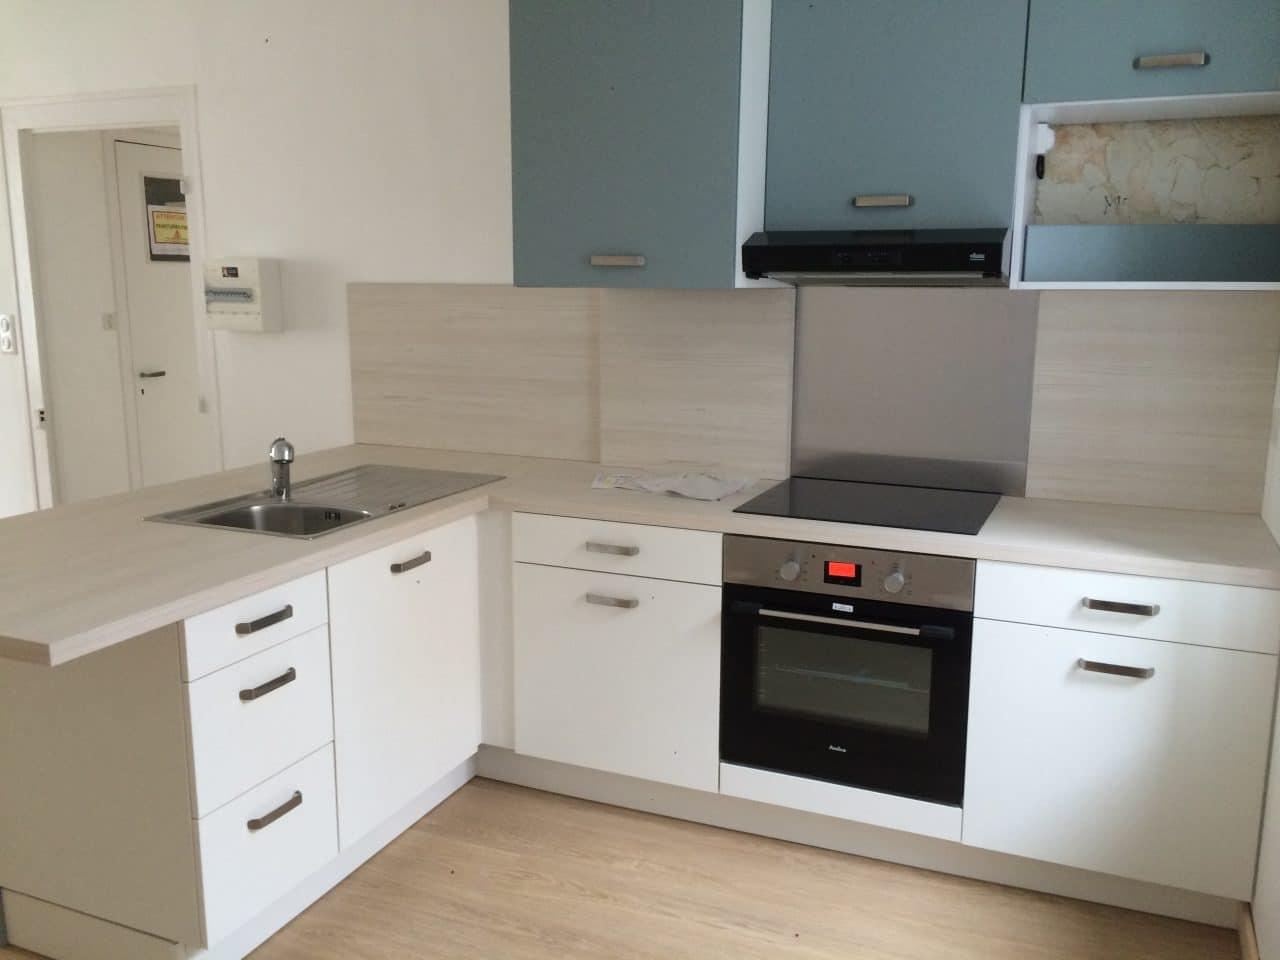 rénovation appartement Quimper en vue d'une location : cuisine après travaux